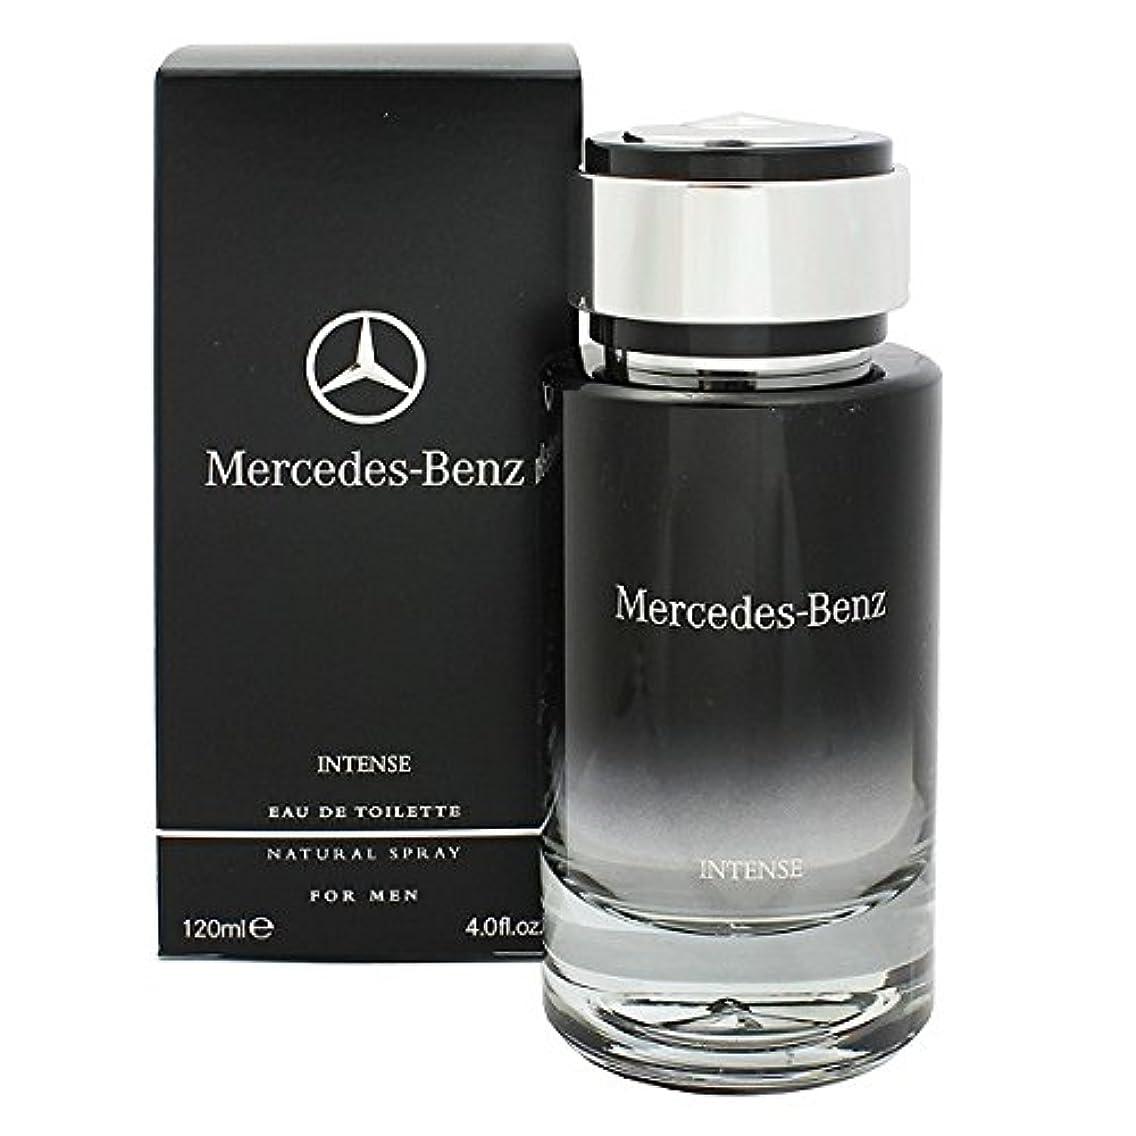 建築家封建鎮痛剤Mercedes-Benz Intense (メルセデス ベンツ インテンス) 4.0 oz (120ml) EDT Spray for Men